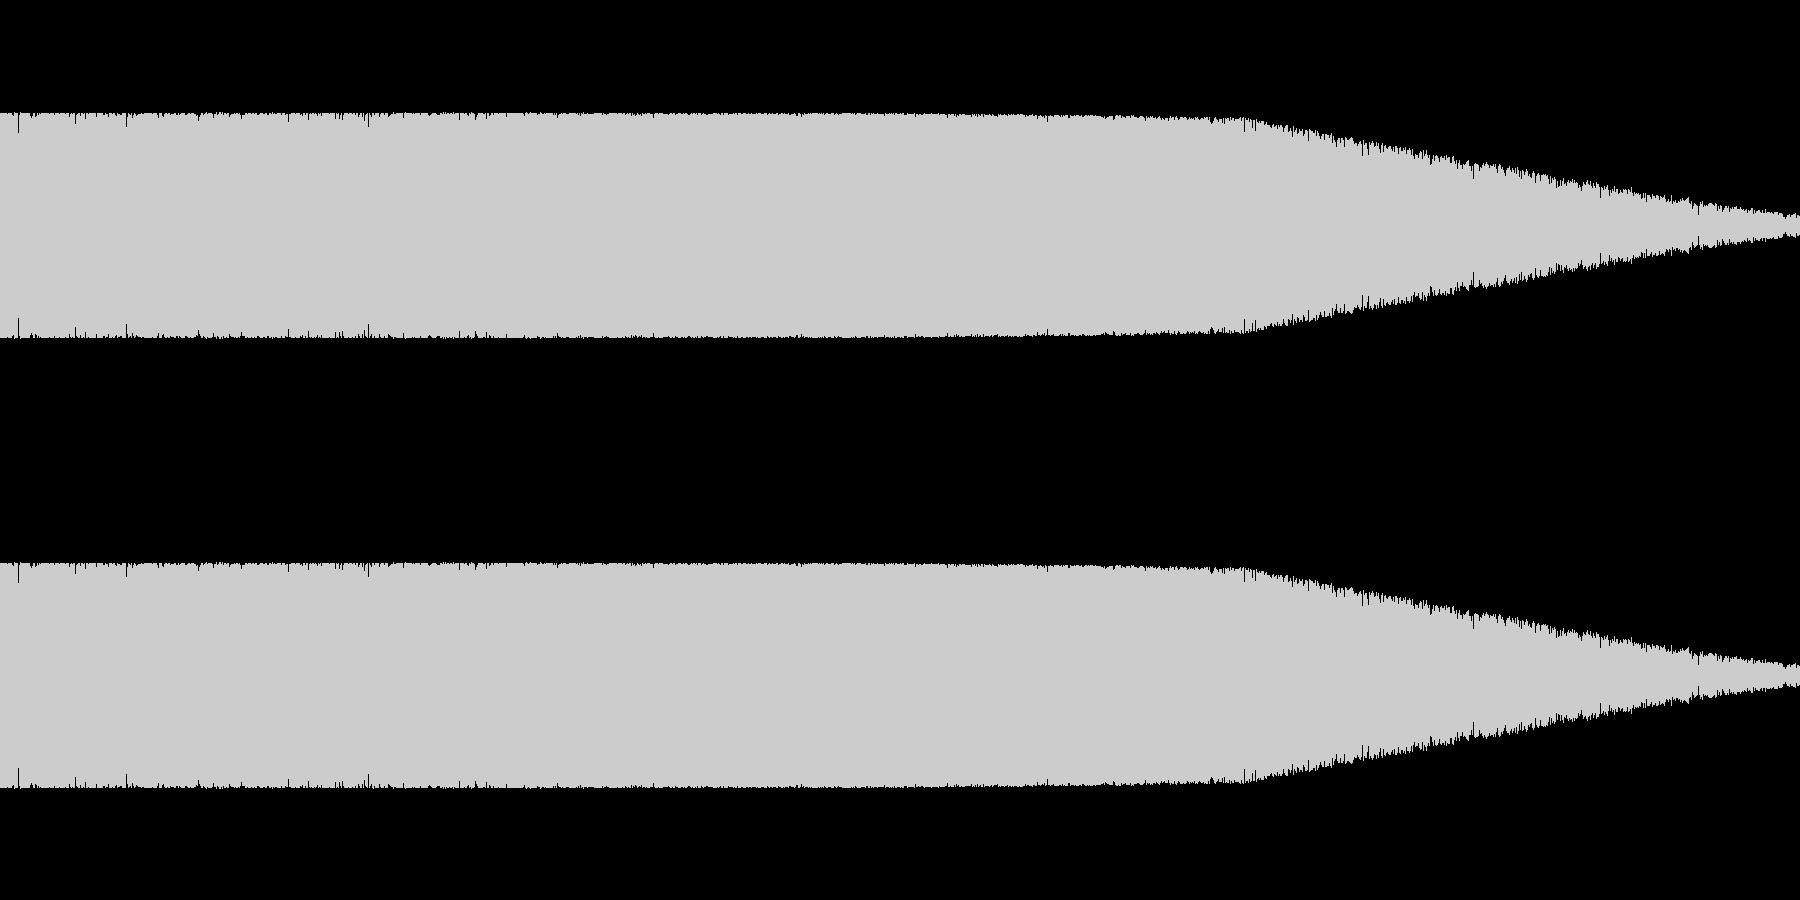 ロボット足音 タイプ5の未再生の波形